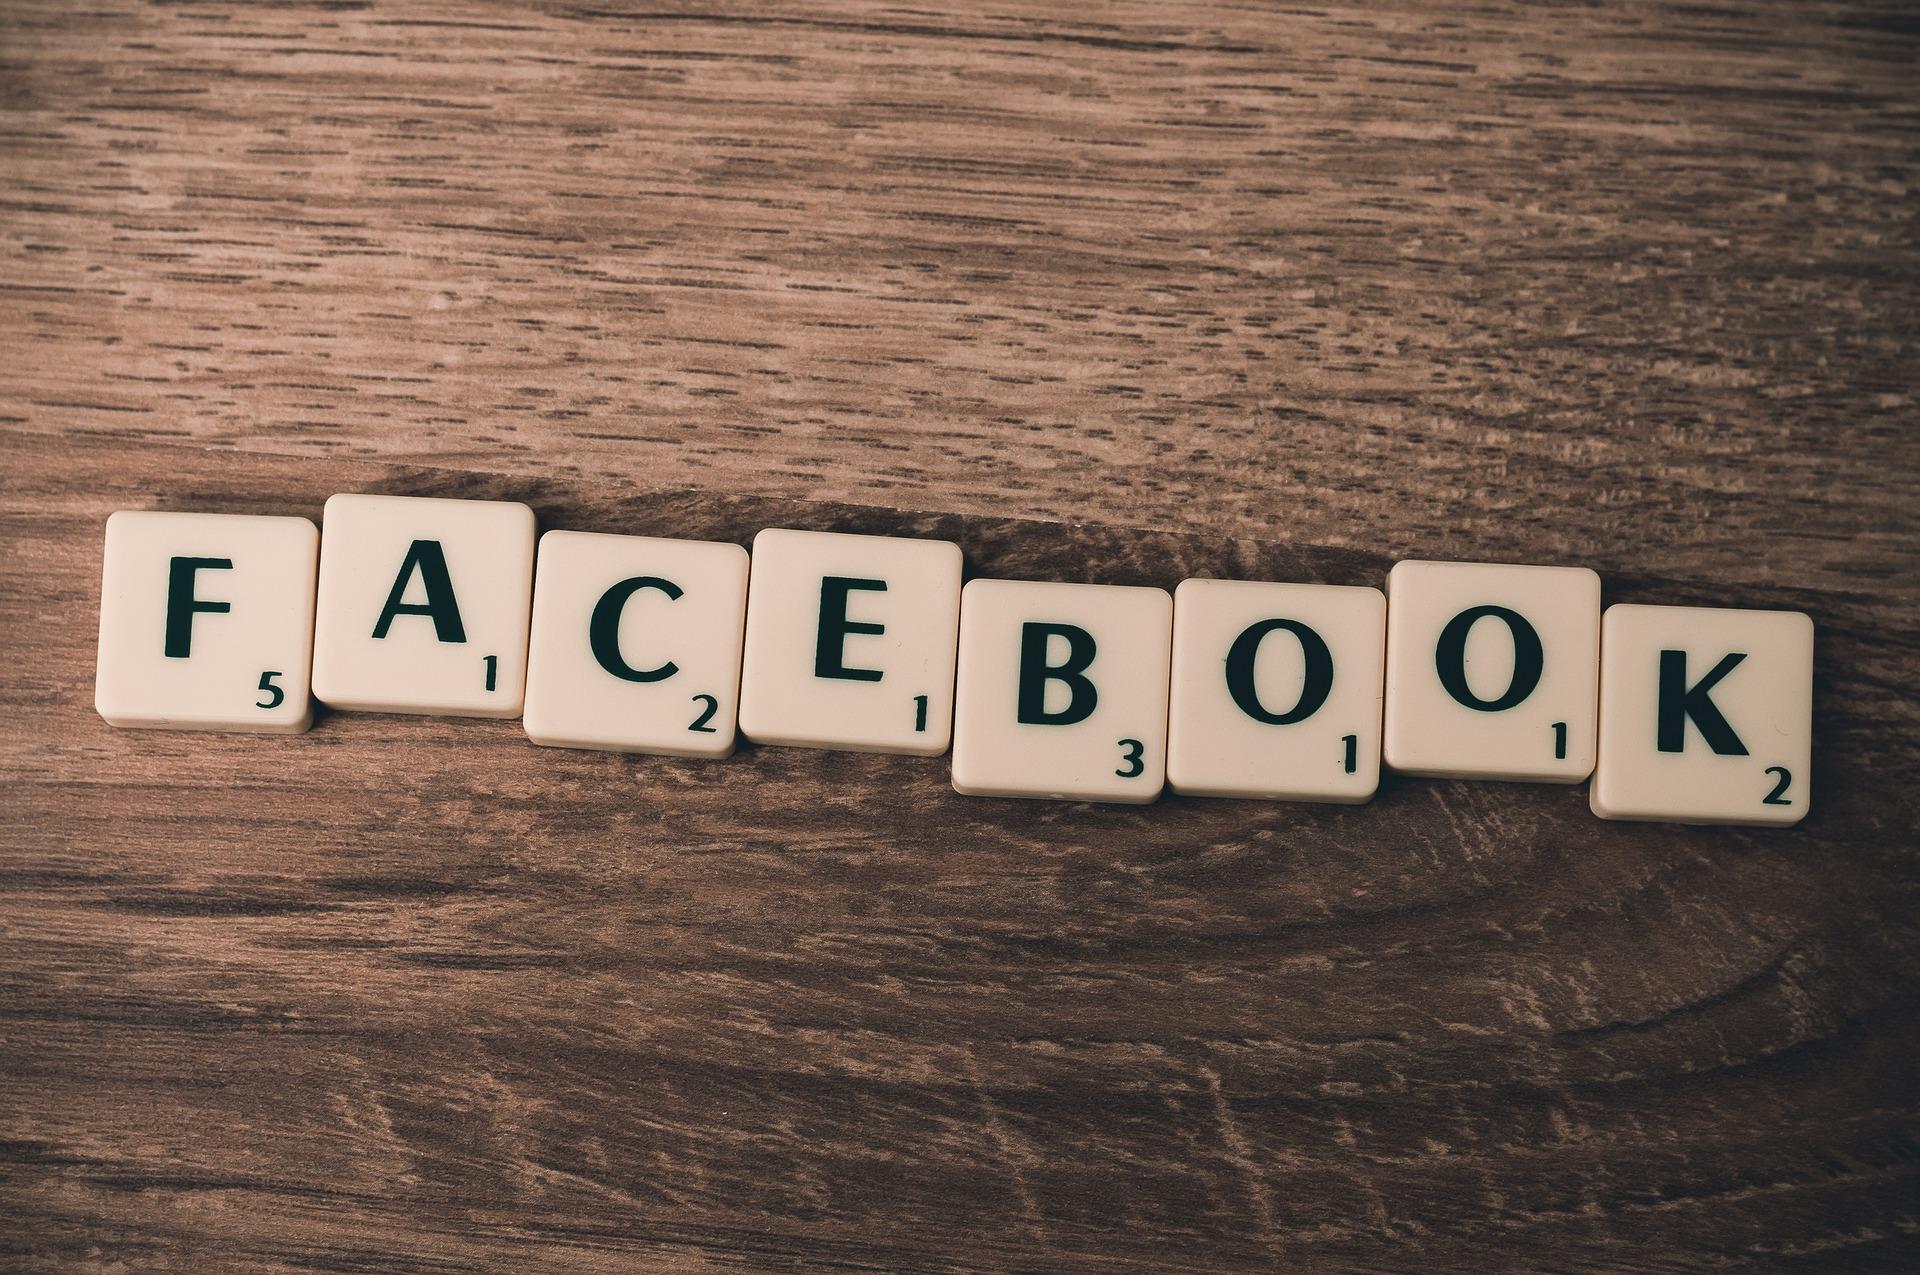 Il vice presidente di Cloudflare ammette che il down di Facebook ha rallentato milioni di siti internet in tutto il pianeta